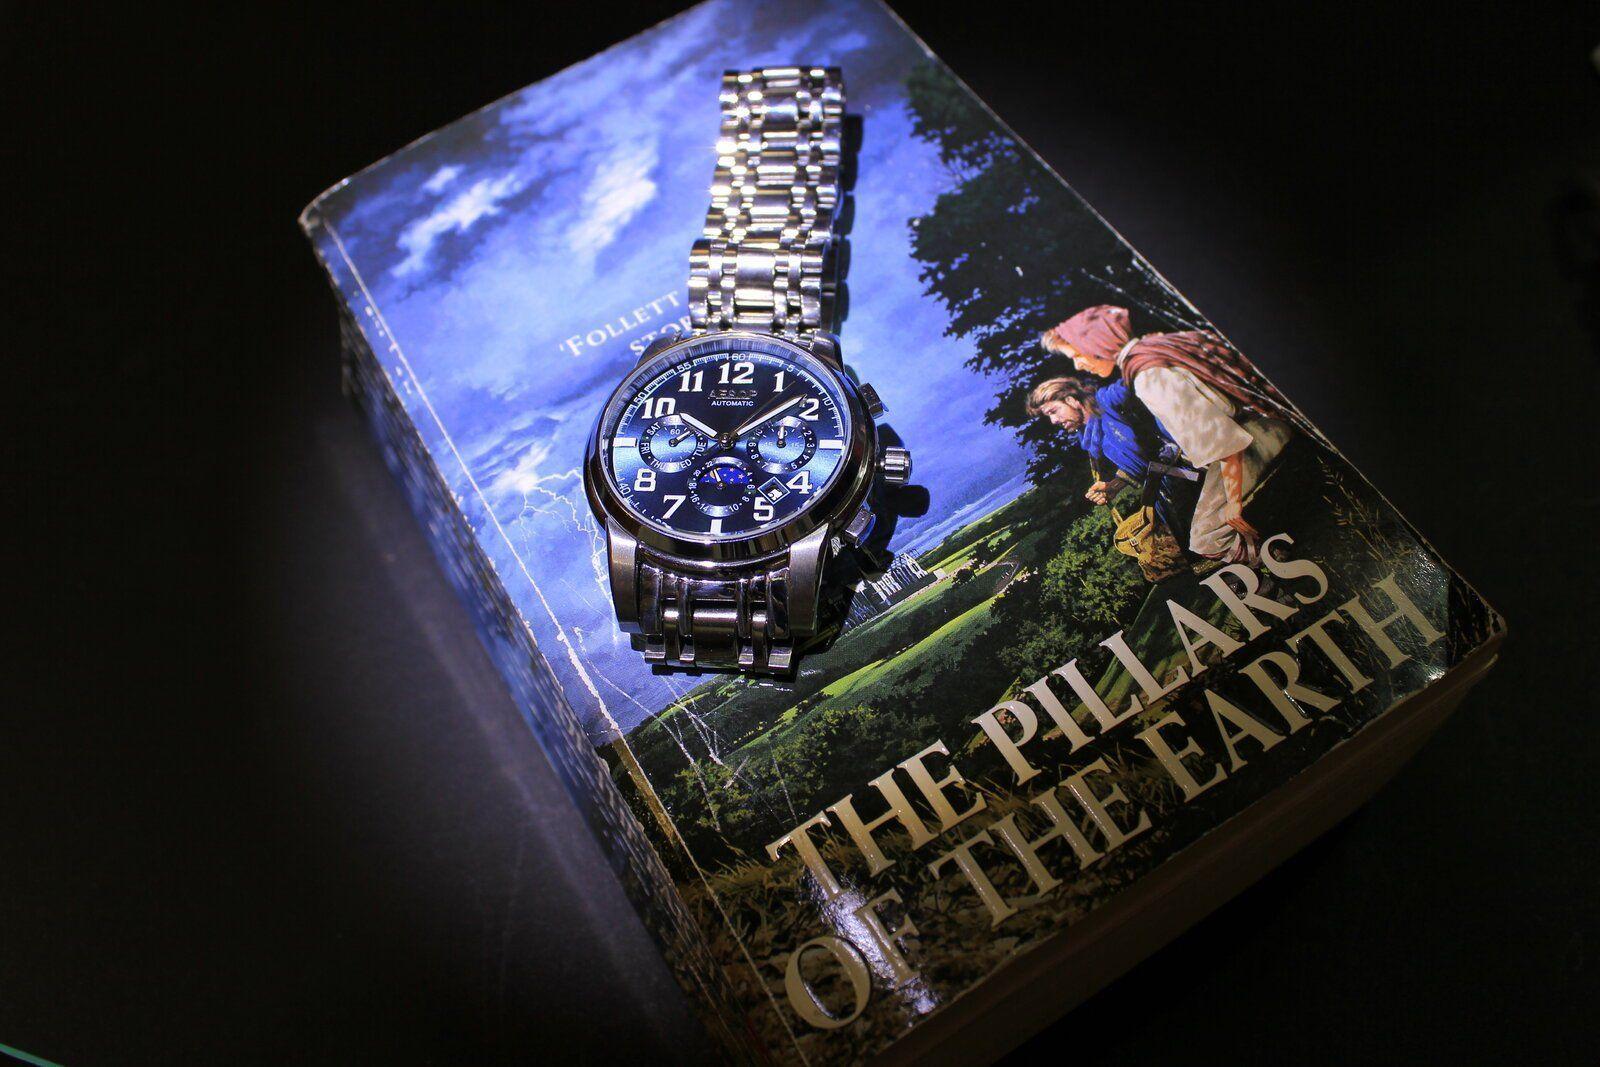 Reloj y libro.JPG